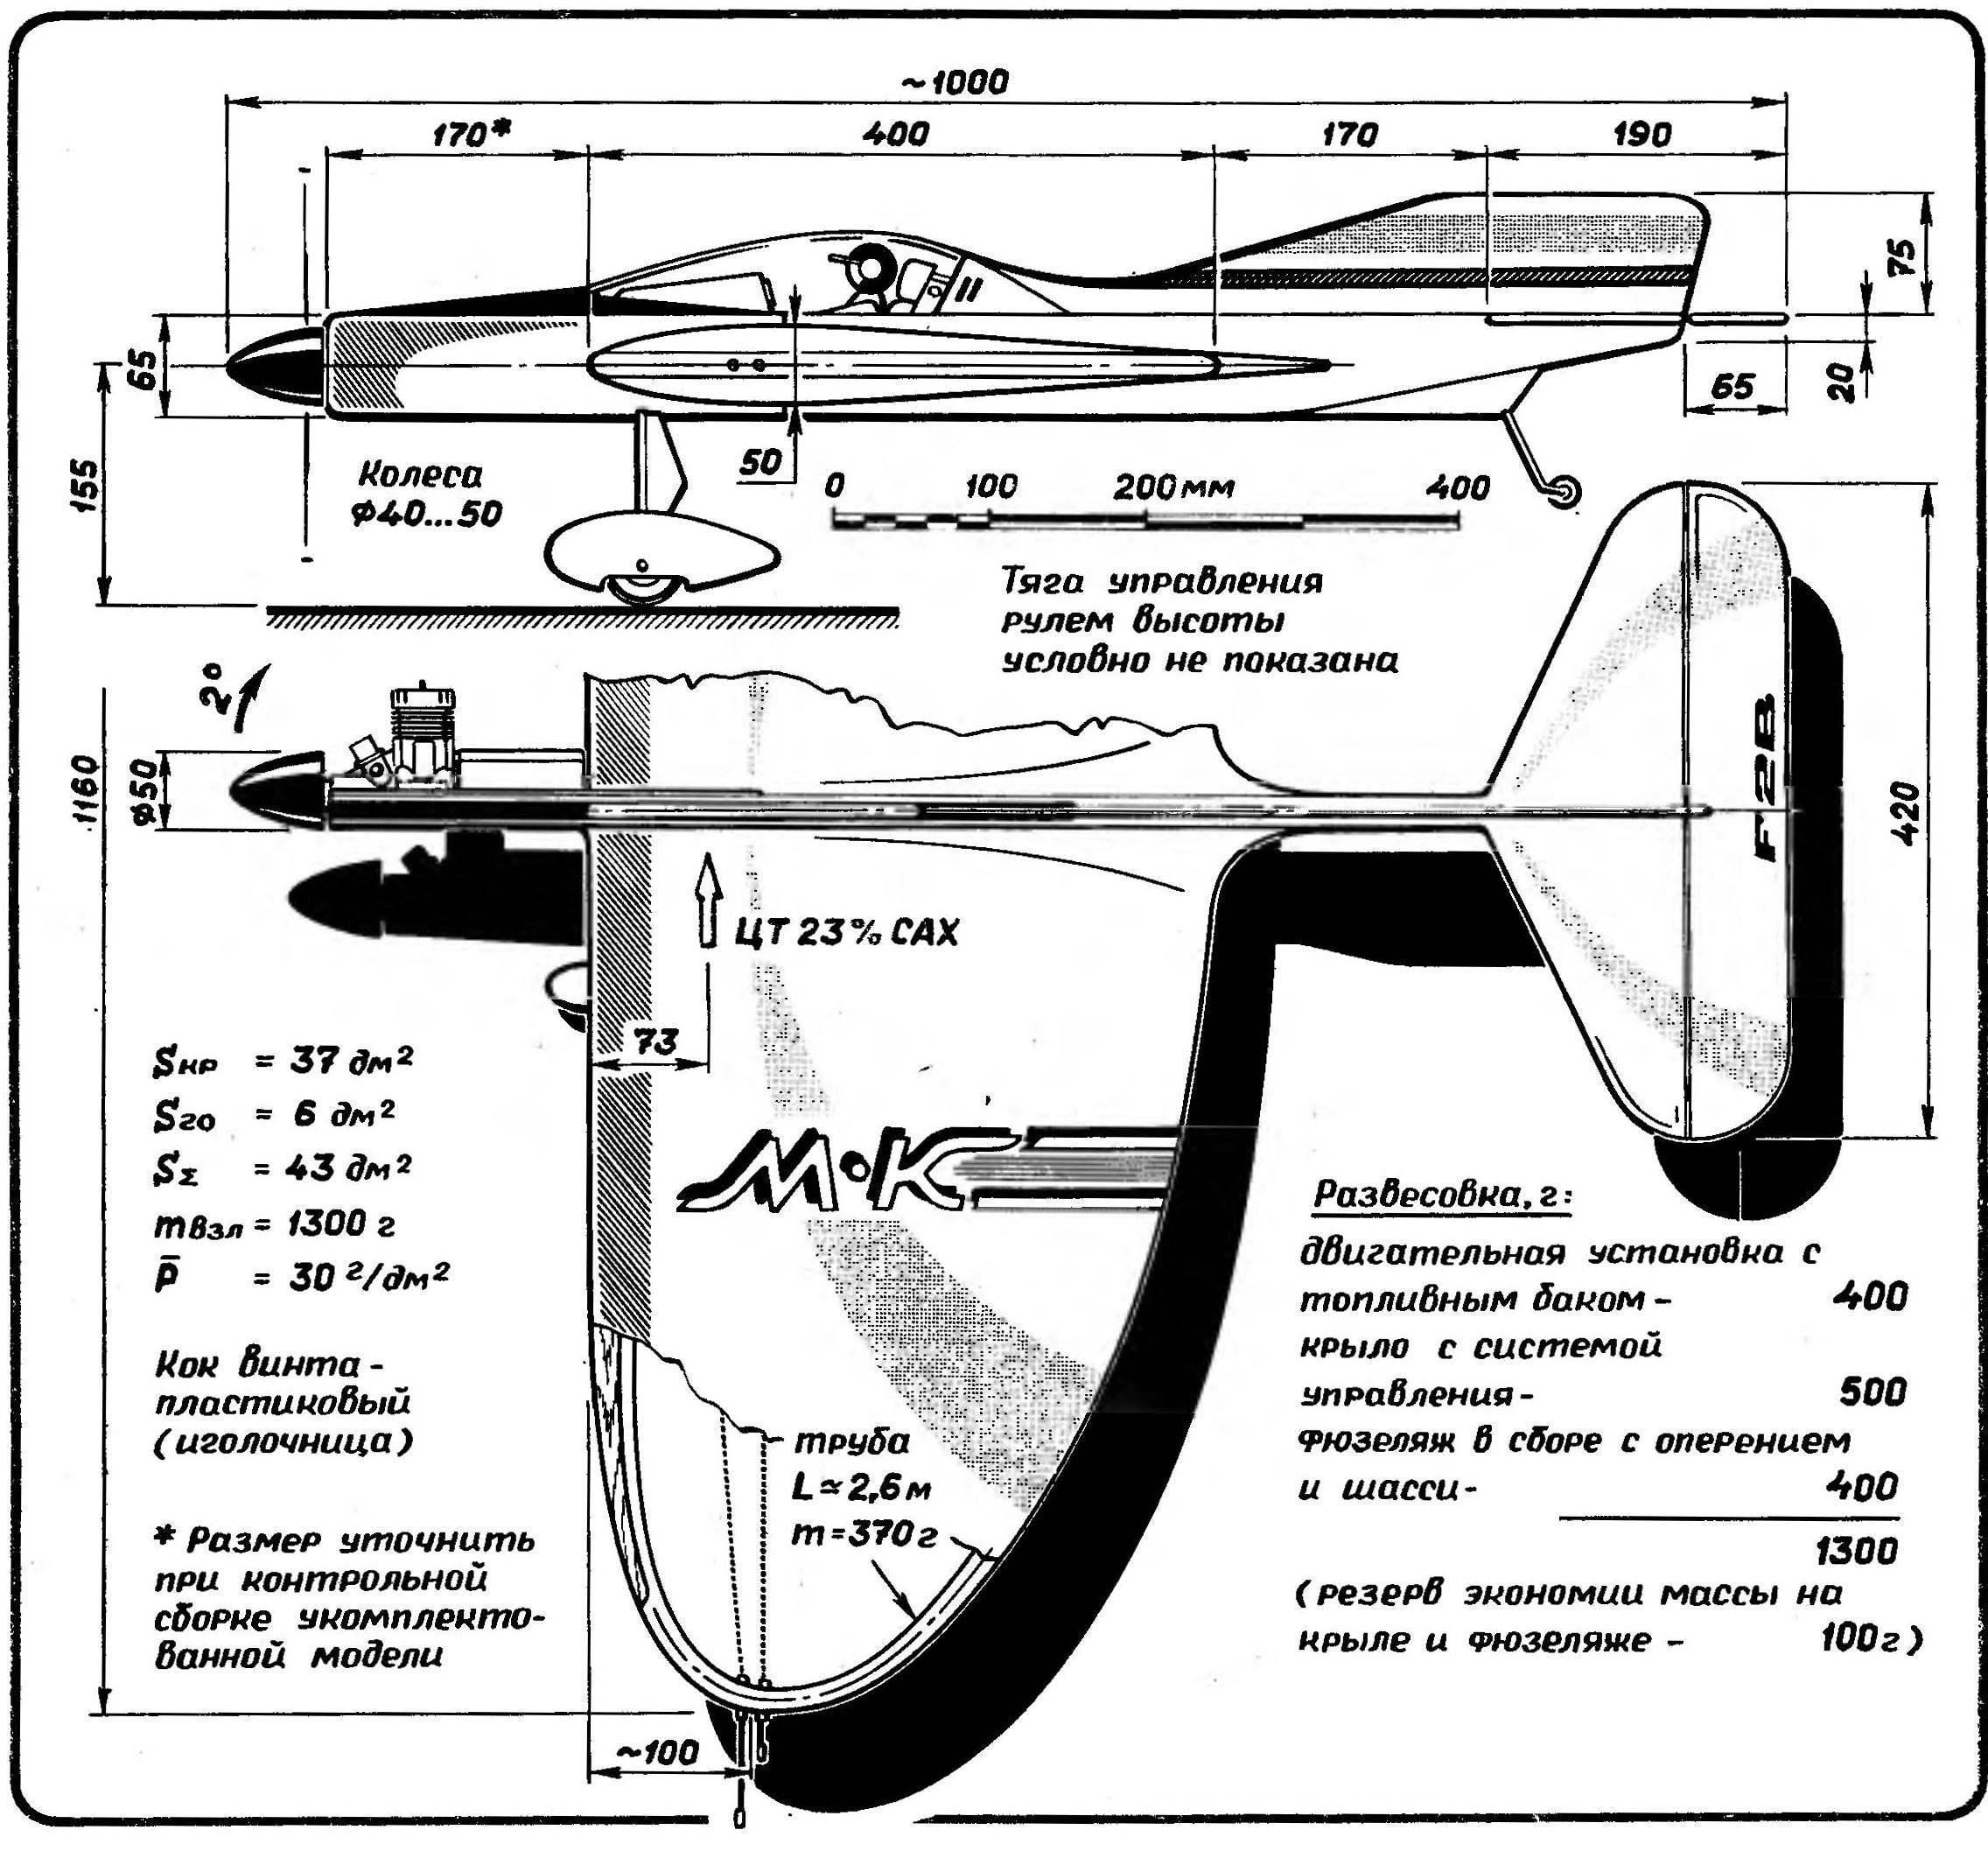 Кордовая пилотажная модель с двигателем рабочим объемом 6,5—7 см3, выполненная по аналогичной силовой схеме